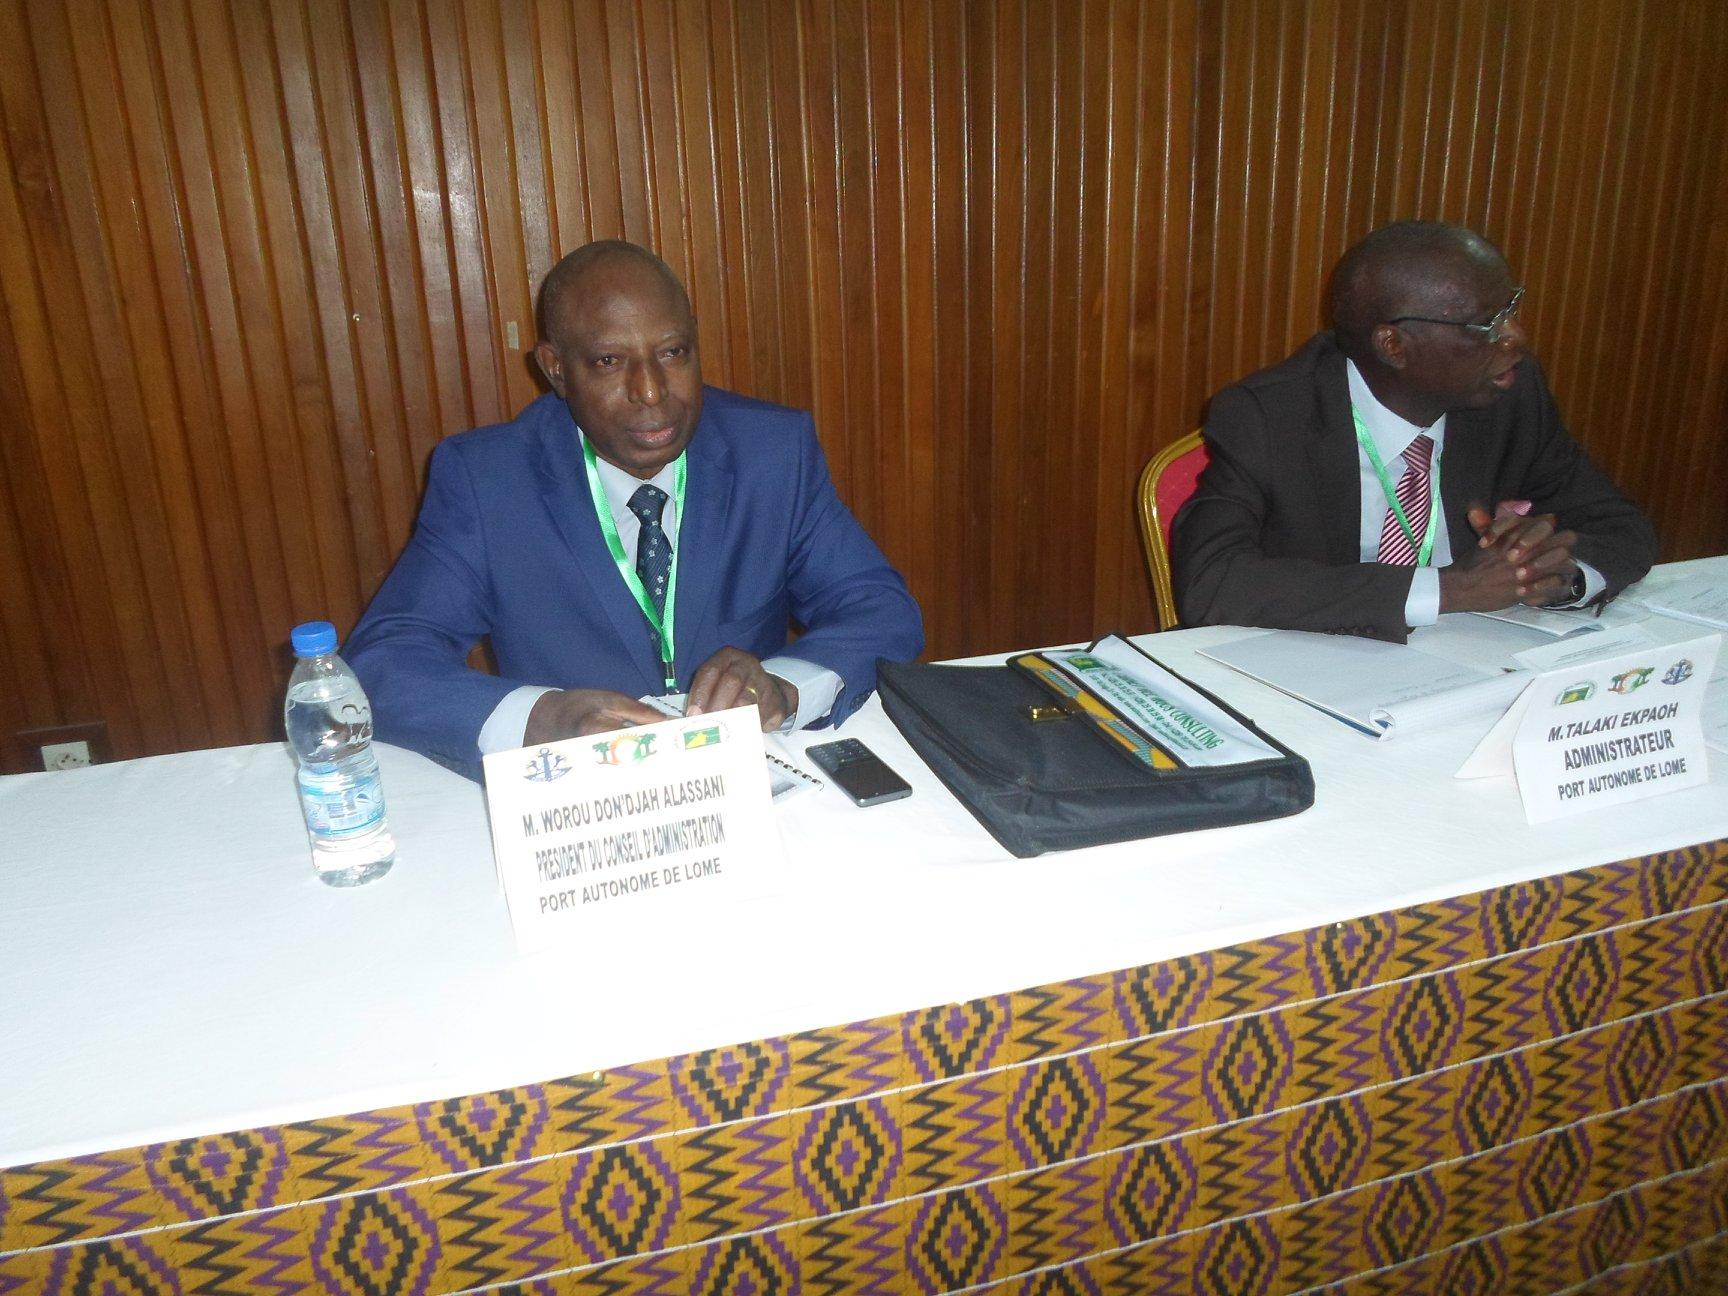 Clôture du top séminaire des administrateurs du port autonome de Lomé (PAL)